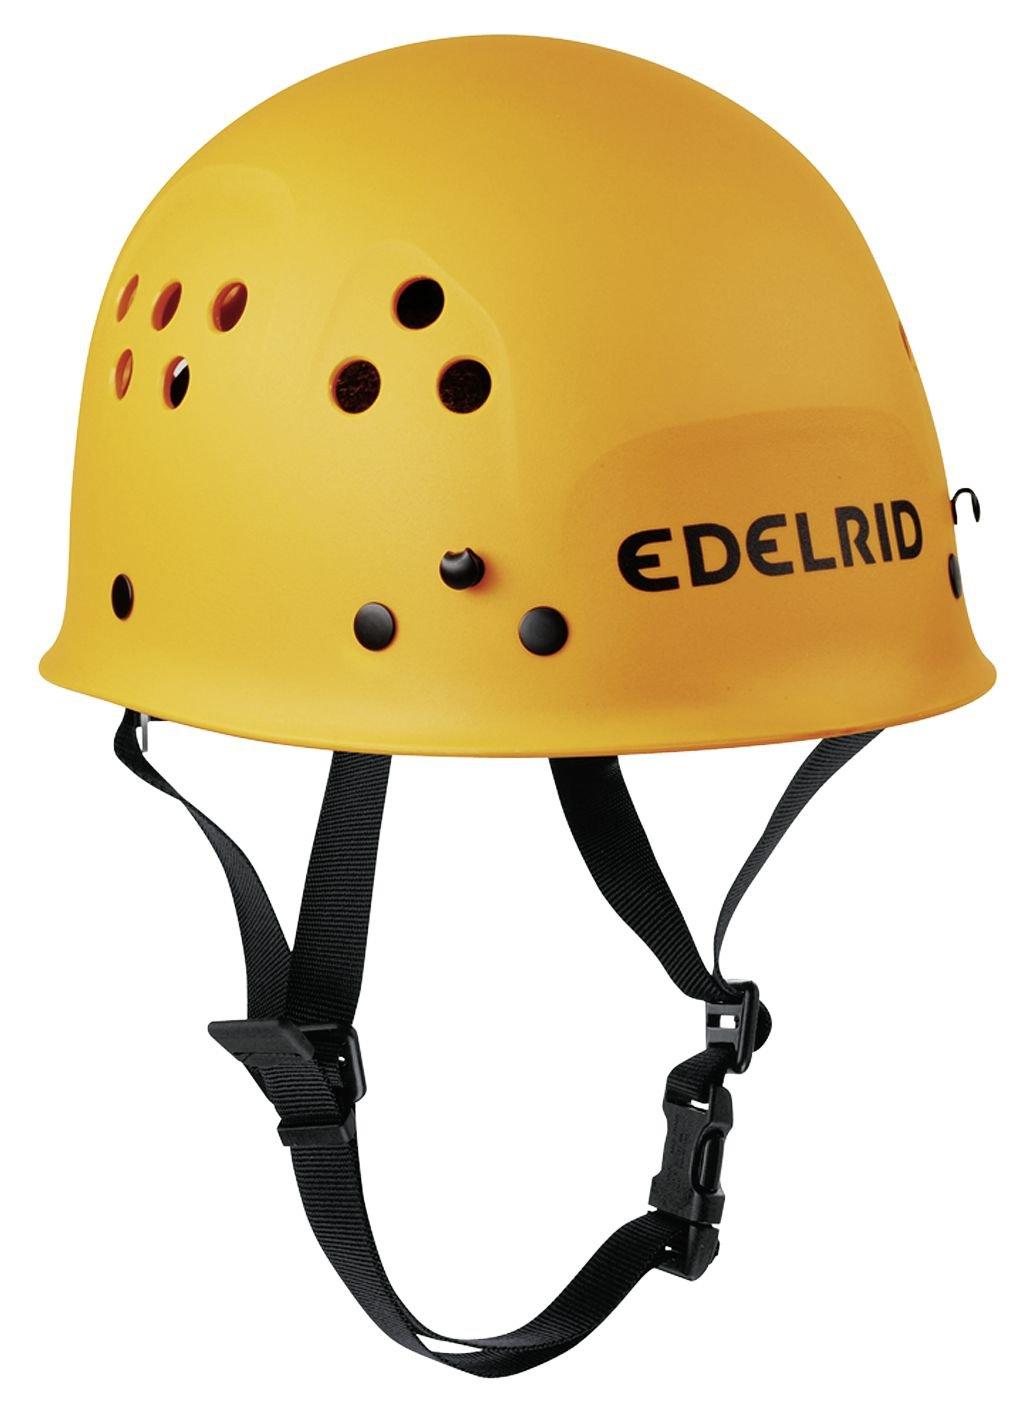 EDELRID - Ultralight Hardshell Helmet, Orange